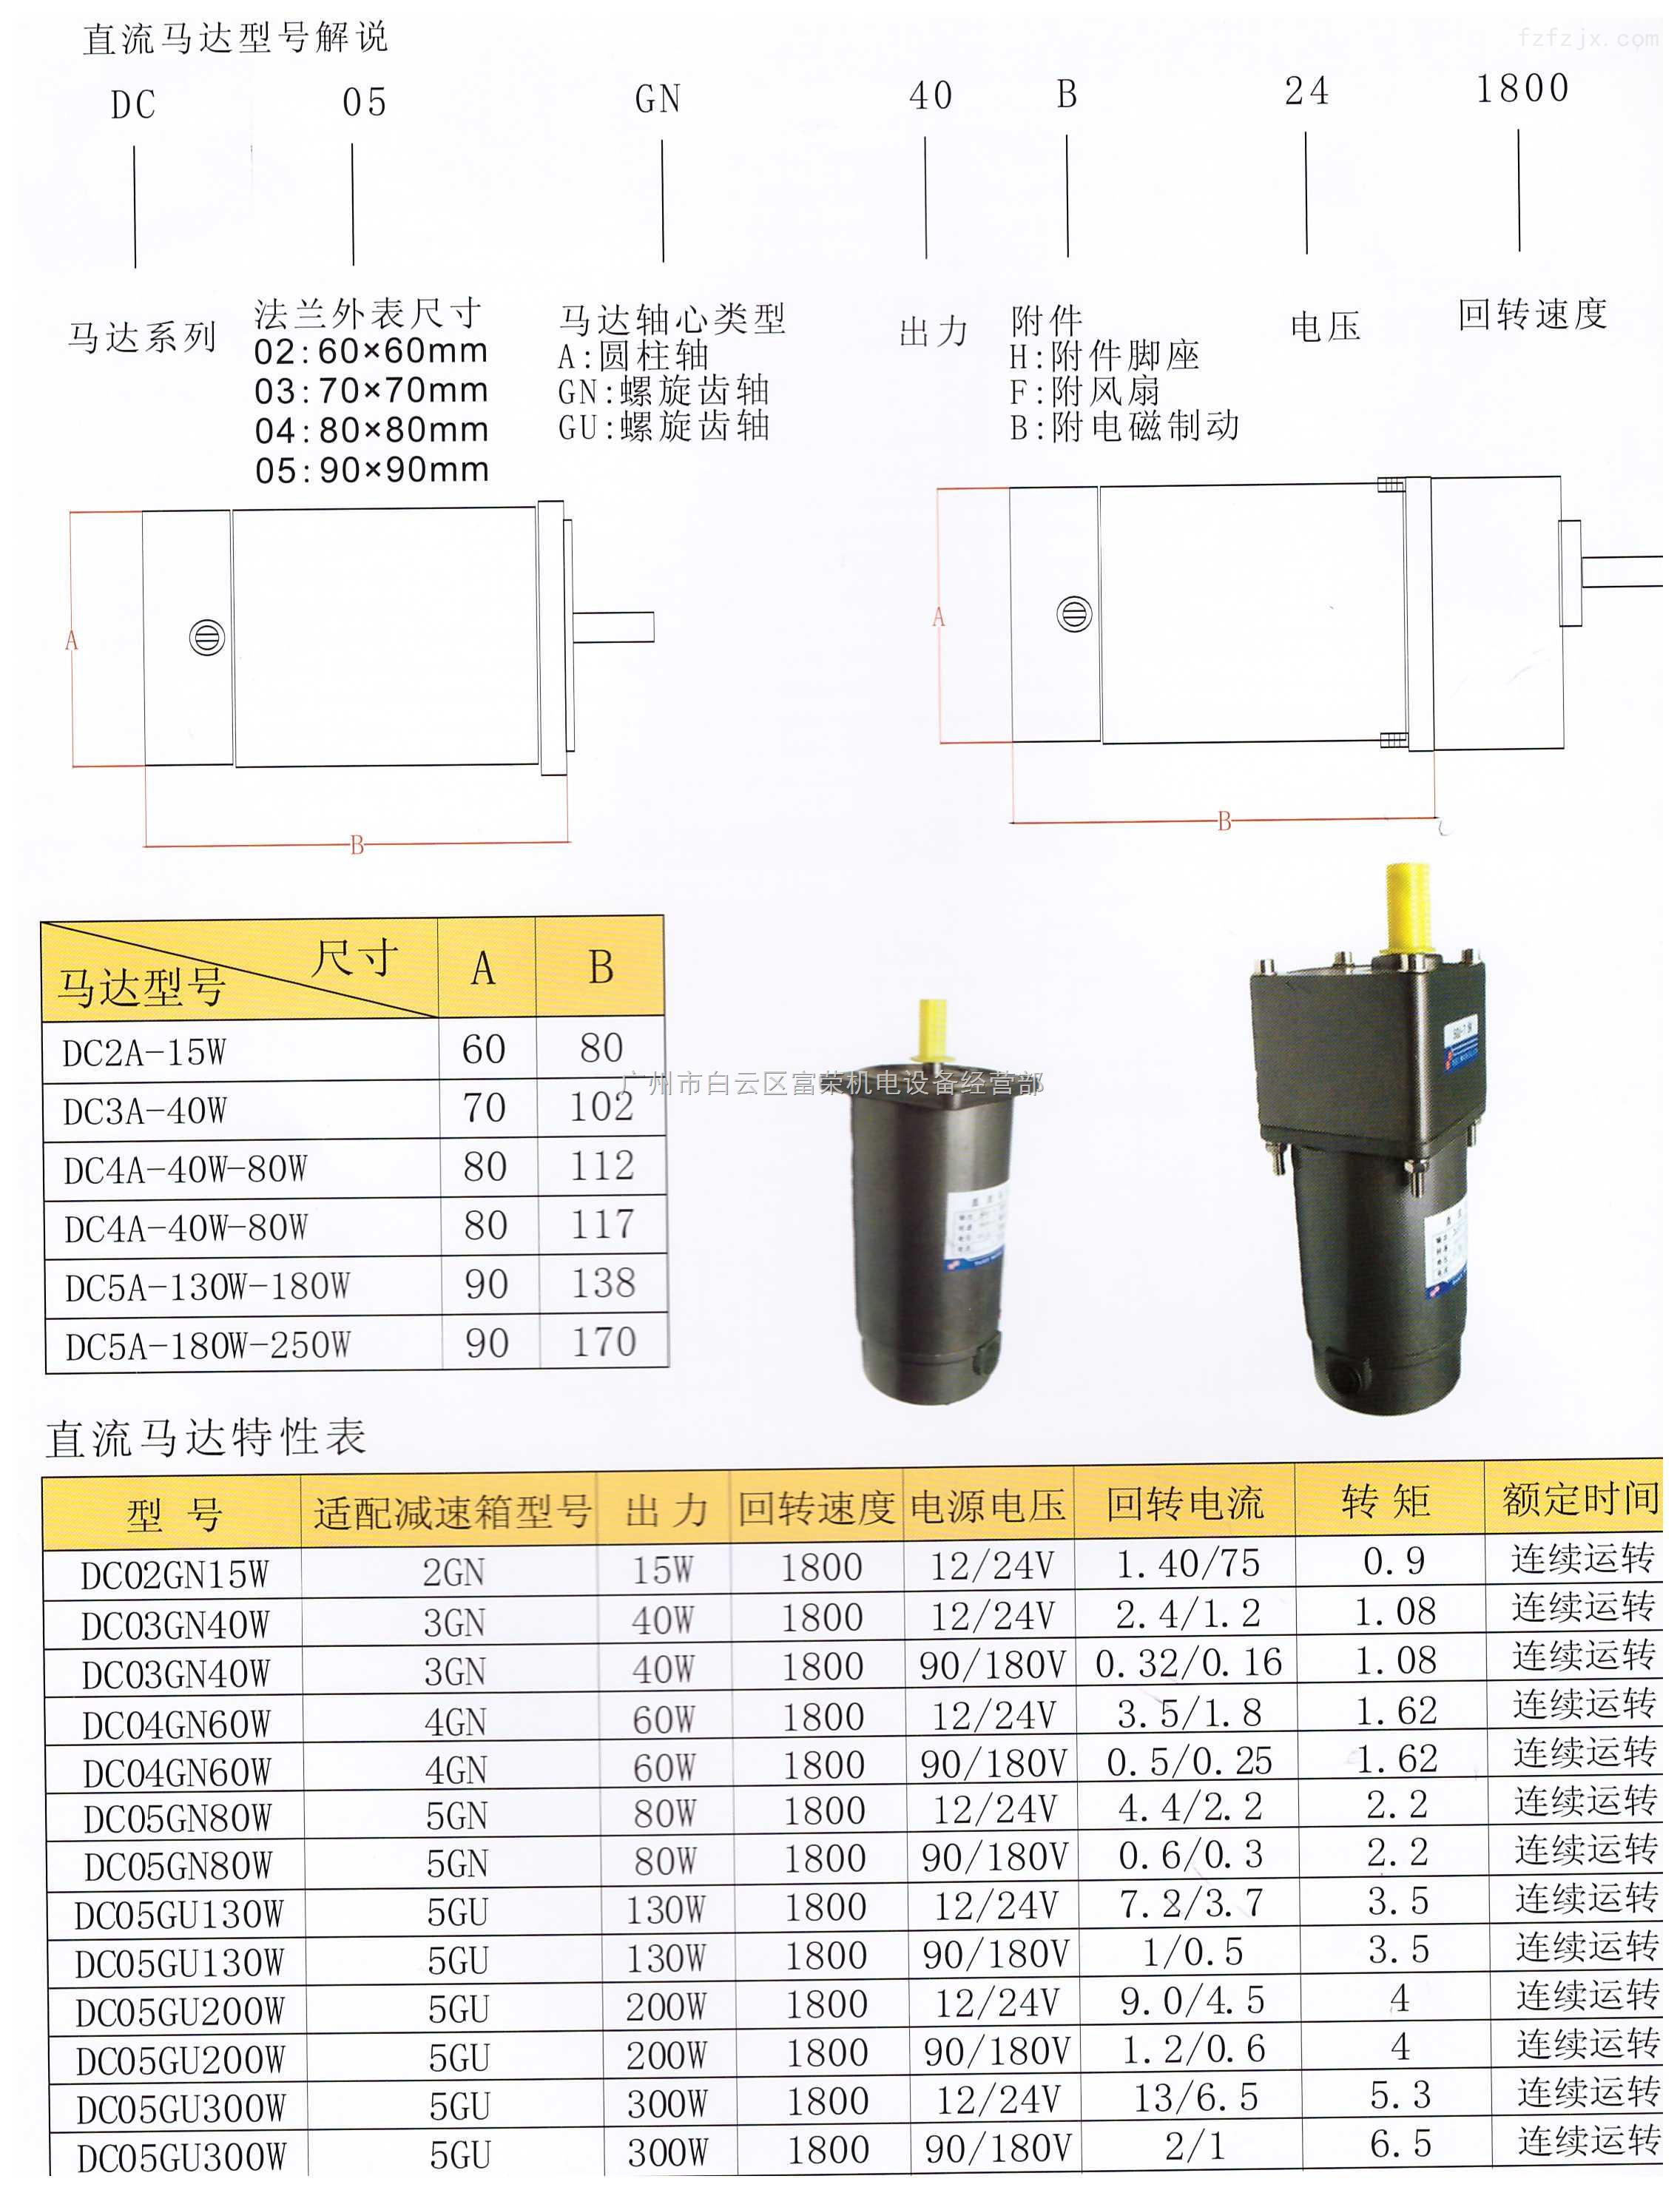 5ik120gn-c/180gn交直流两用电机,调速器,变速电机